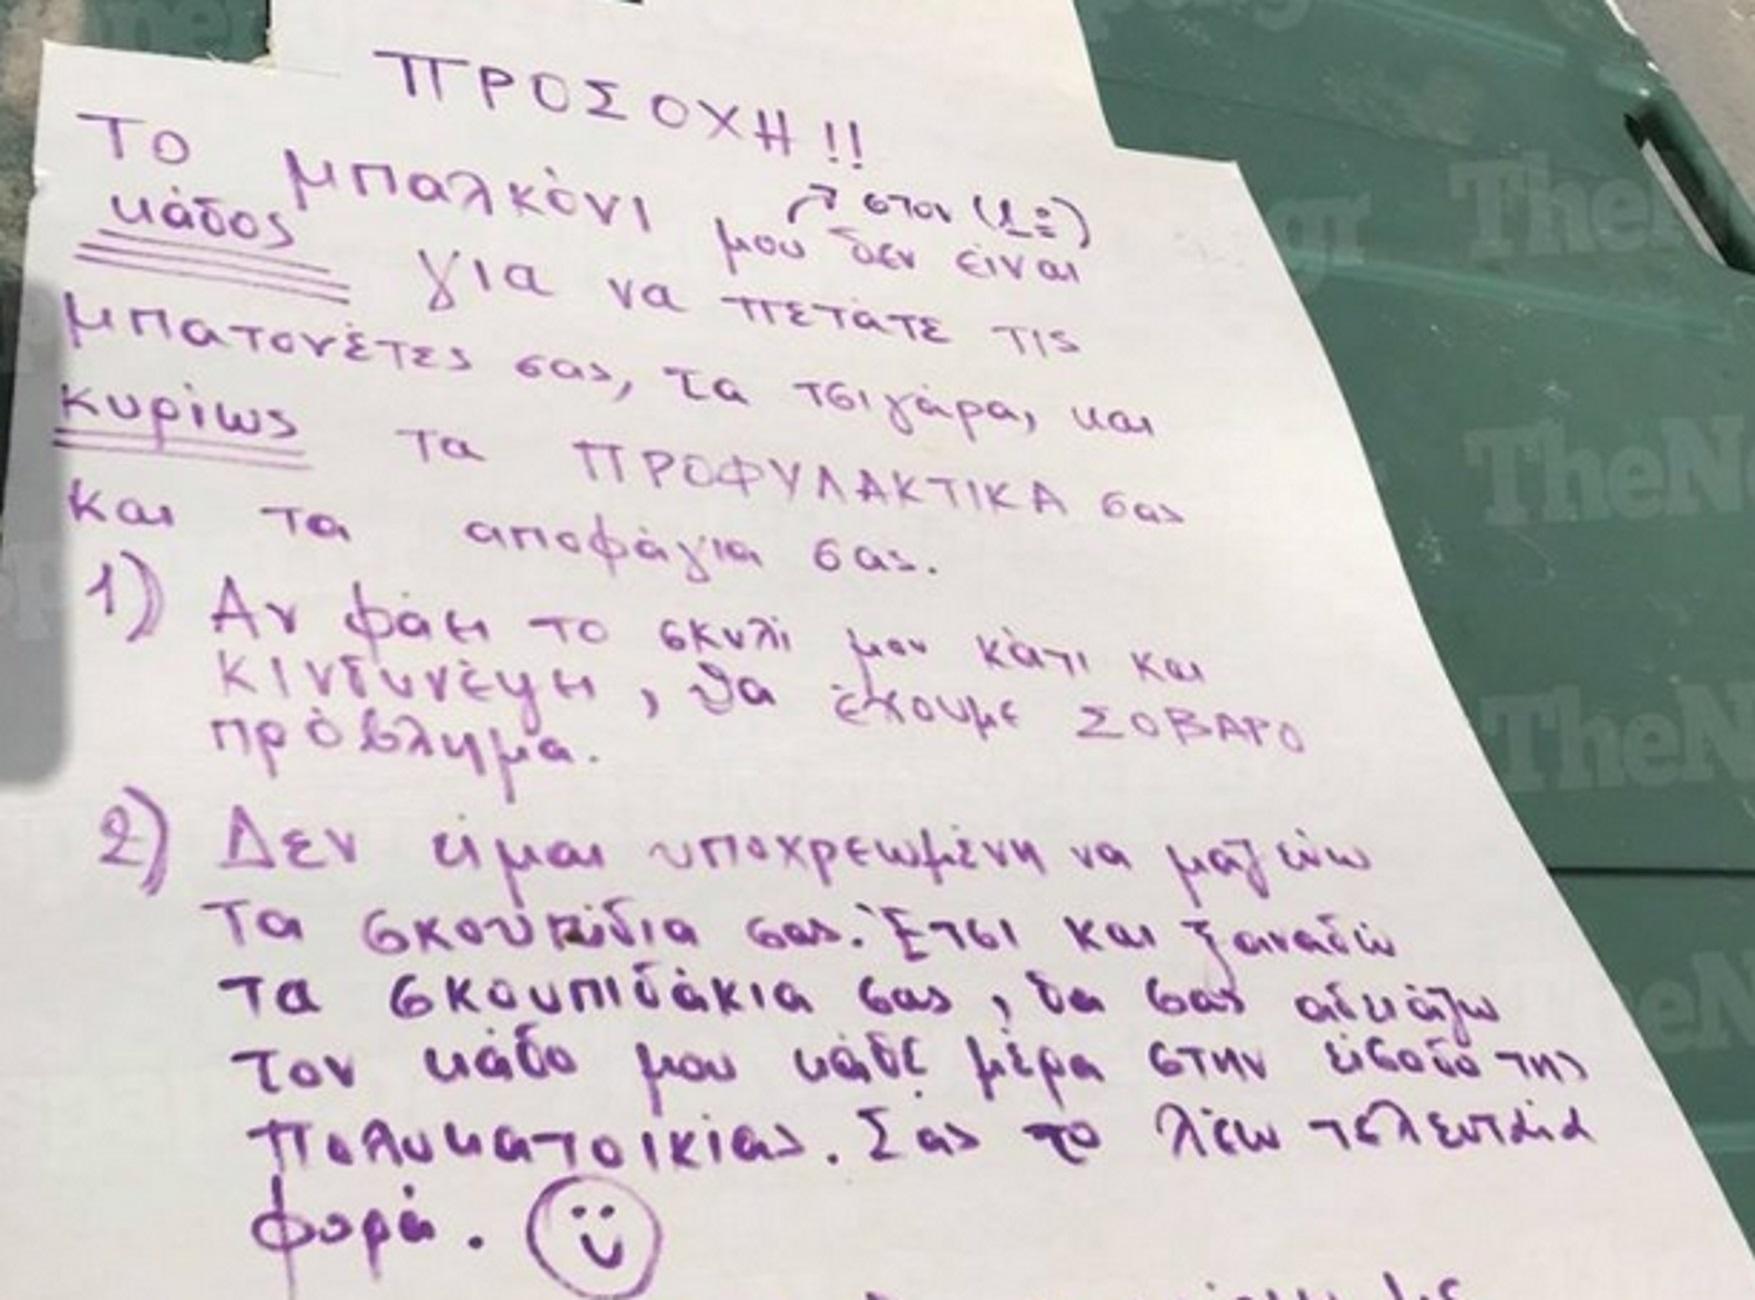 Βόλος: Τα προφυλακτικά έφεραν μεγάλες φουρτούνες – Το σημείωμα της γυναίκας που έγινε έξαλλη